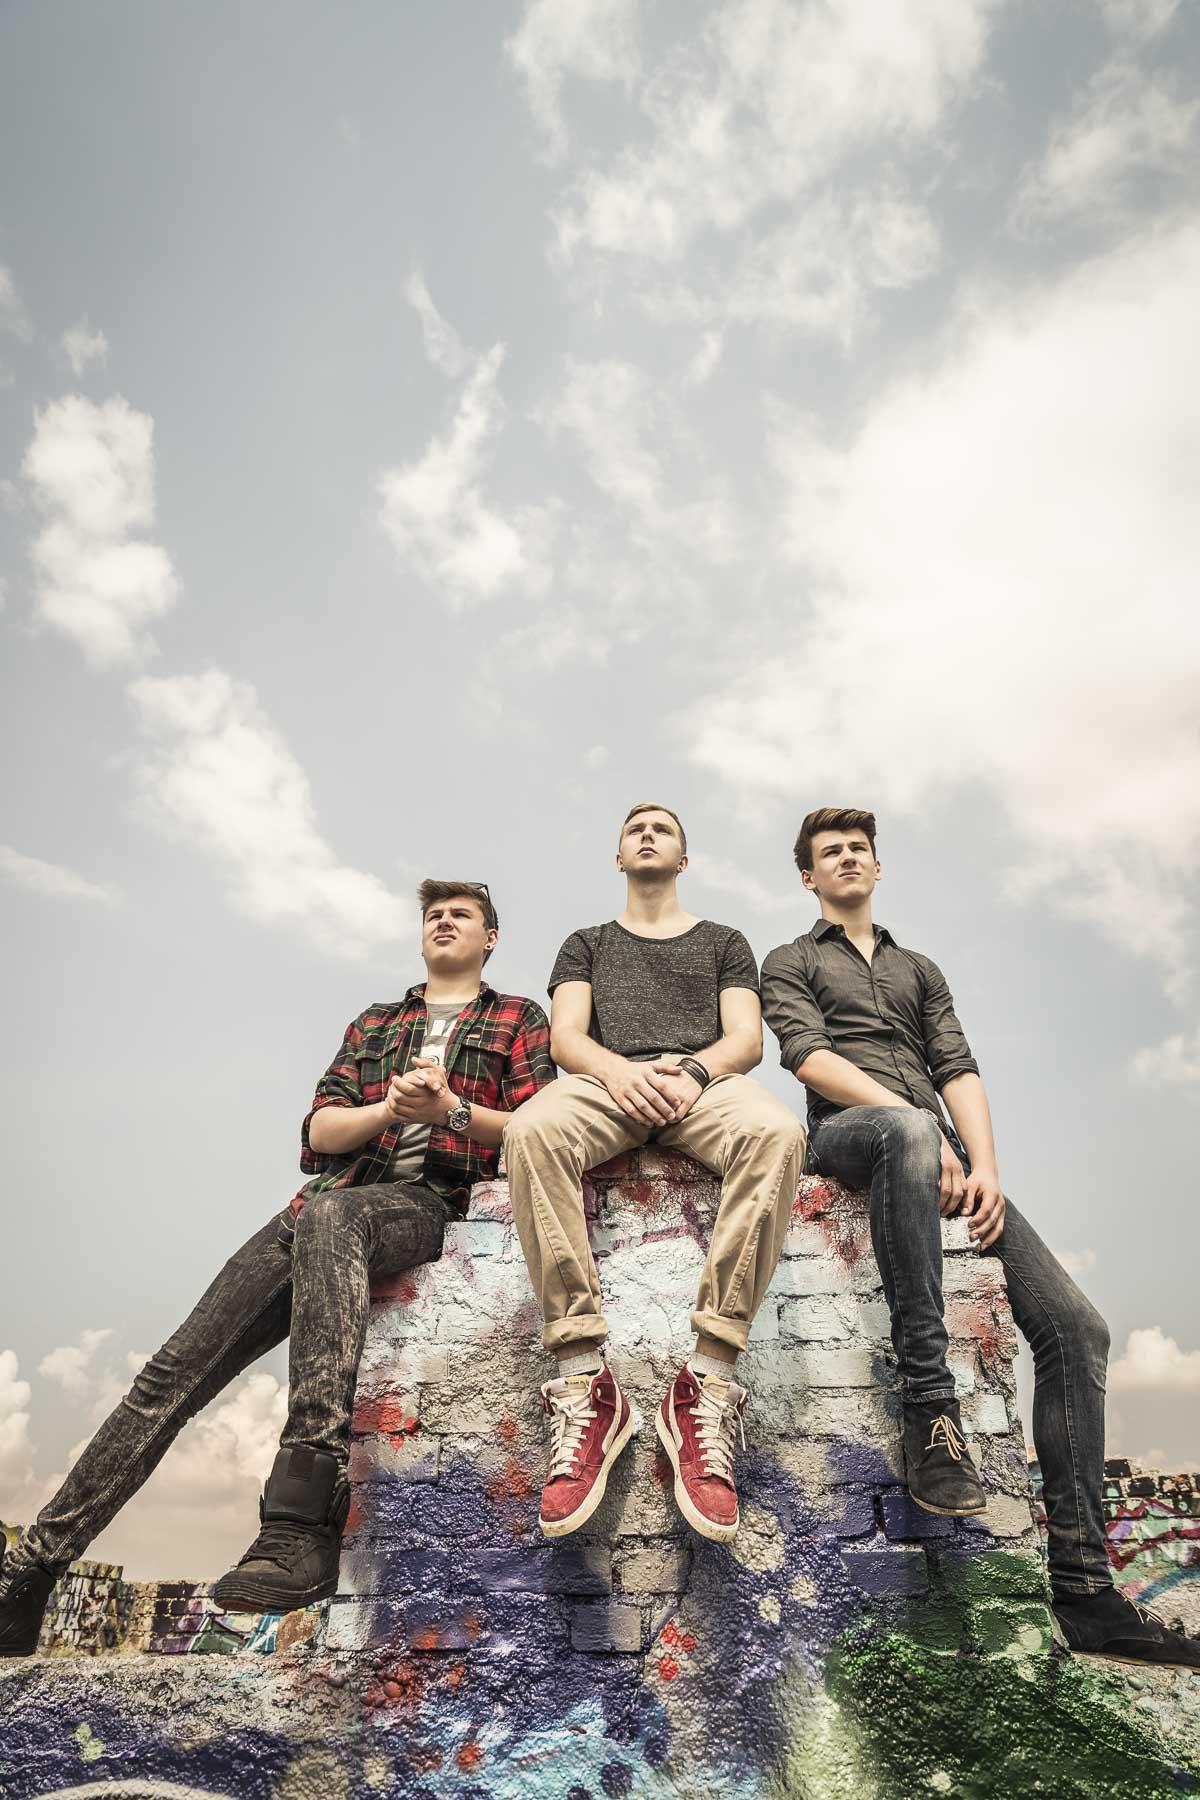 Drei Teenager sitzen heroisch auf einem Mauer. Lifestyle - Derek Henthorn - Fotograf München